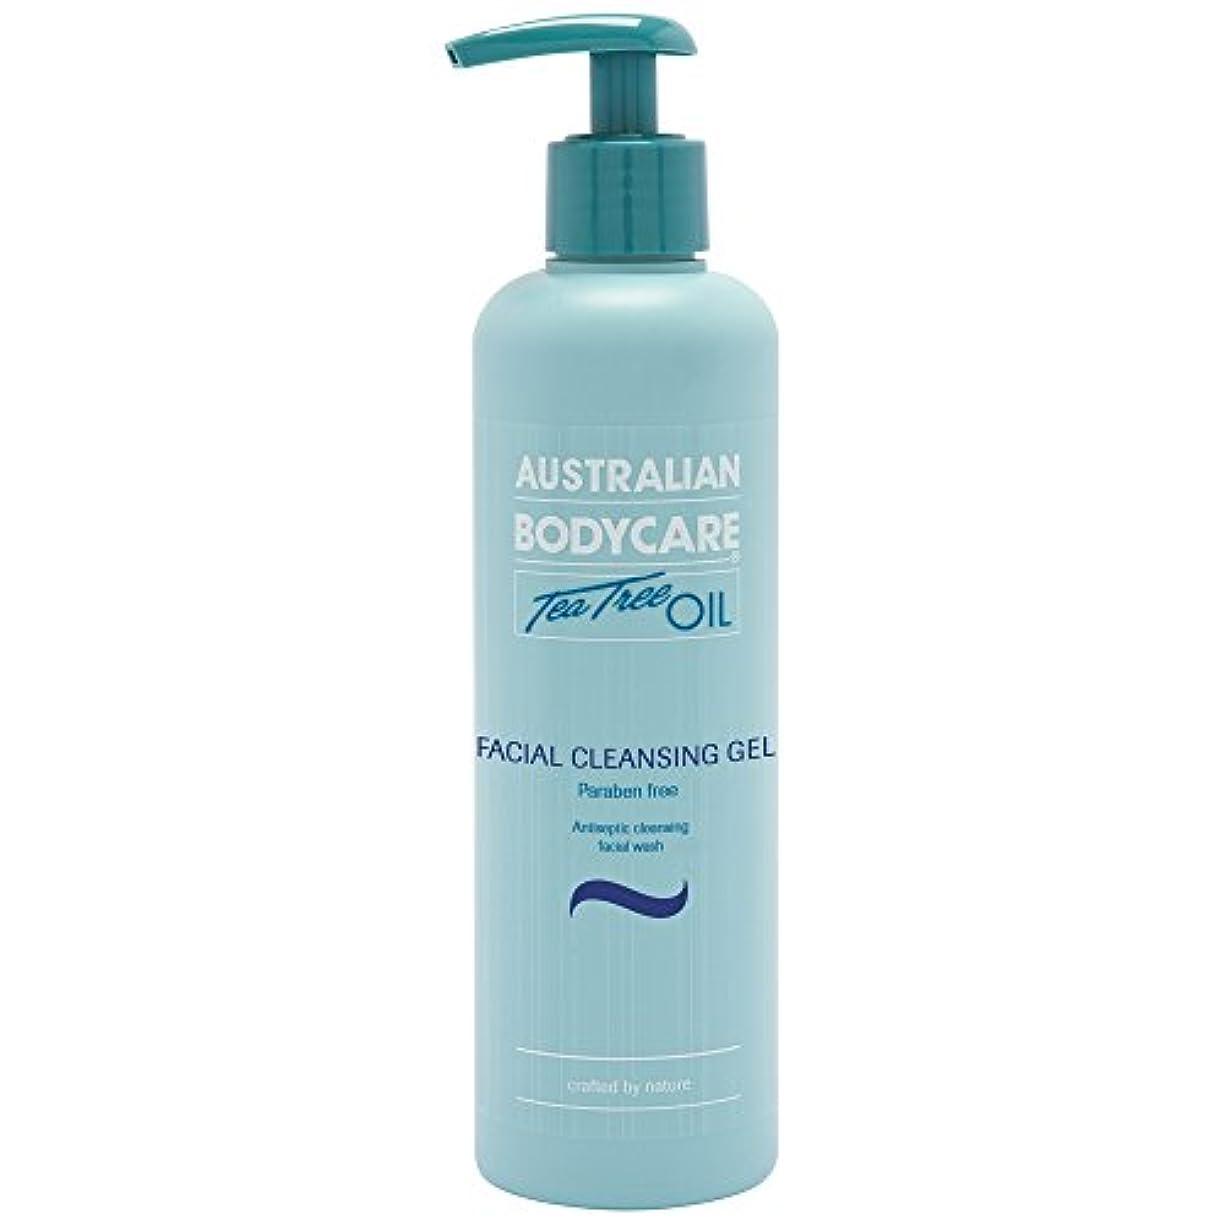 失望させる有罪一般的にオーストラリアのボディーケアティーツリーオイル洗顔ゲル250ミリリットル (Australian Bodycare) (x6) - Australian Bodycare Tea Tree Oil Facial Cleansing...